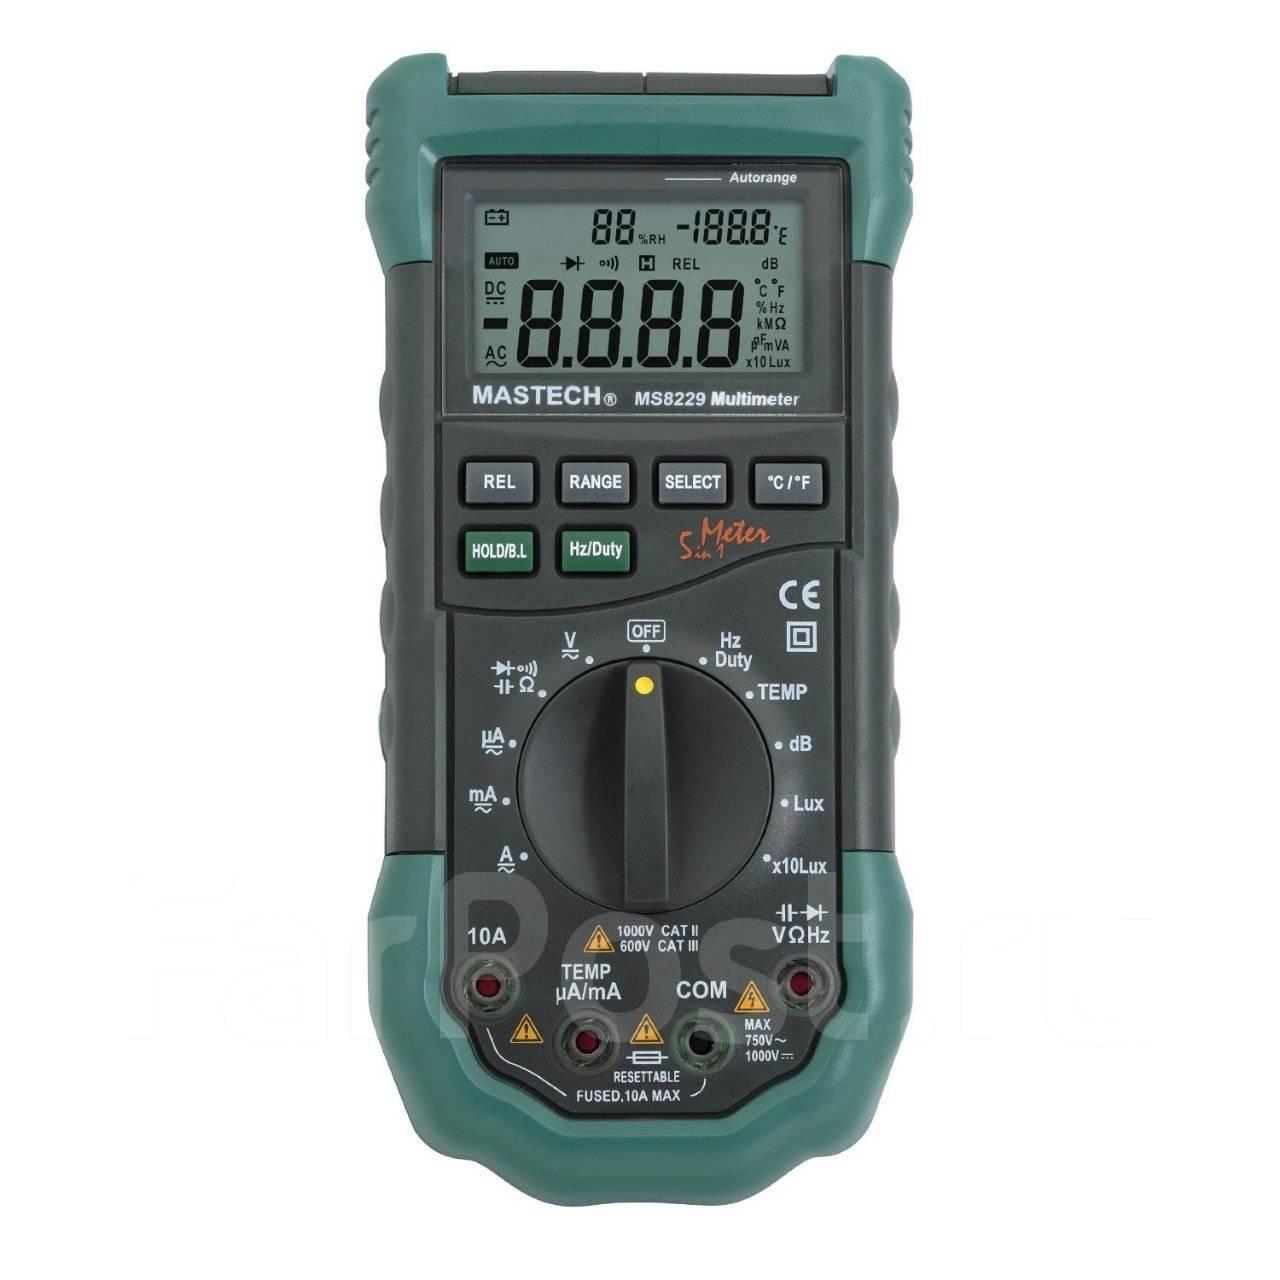 барометр шбст инструкция